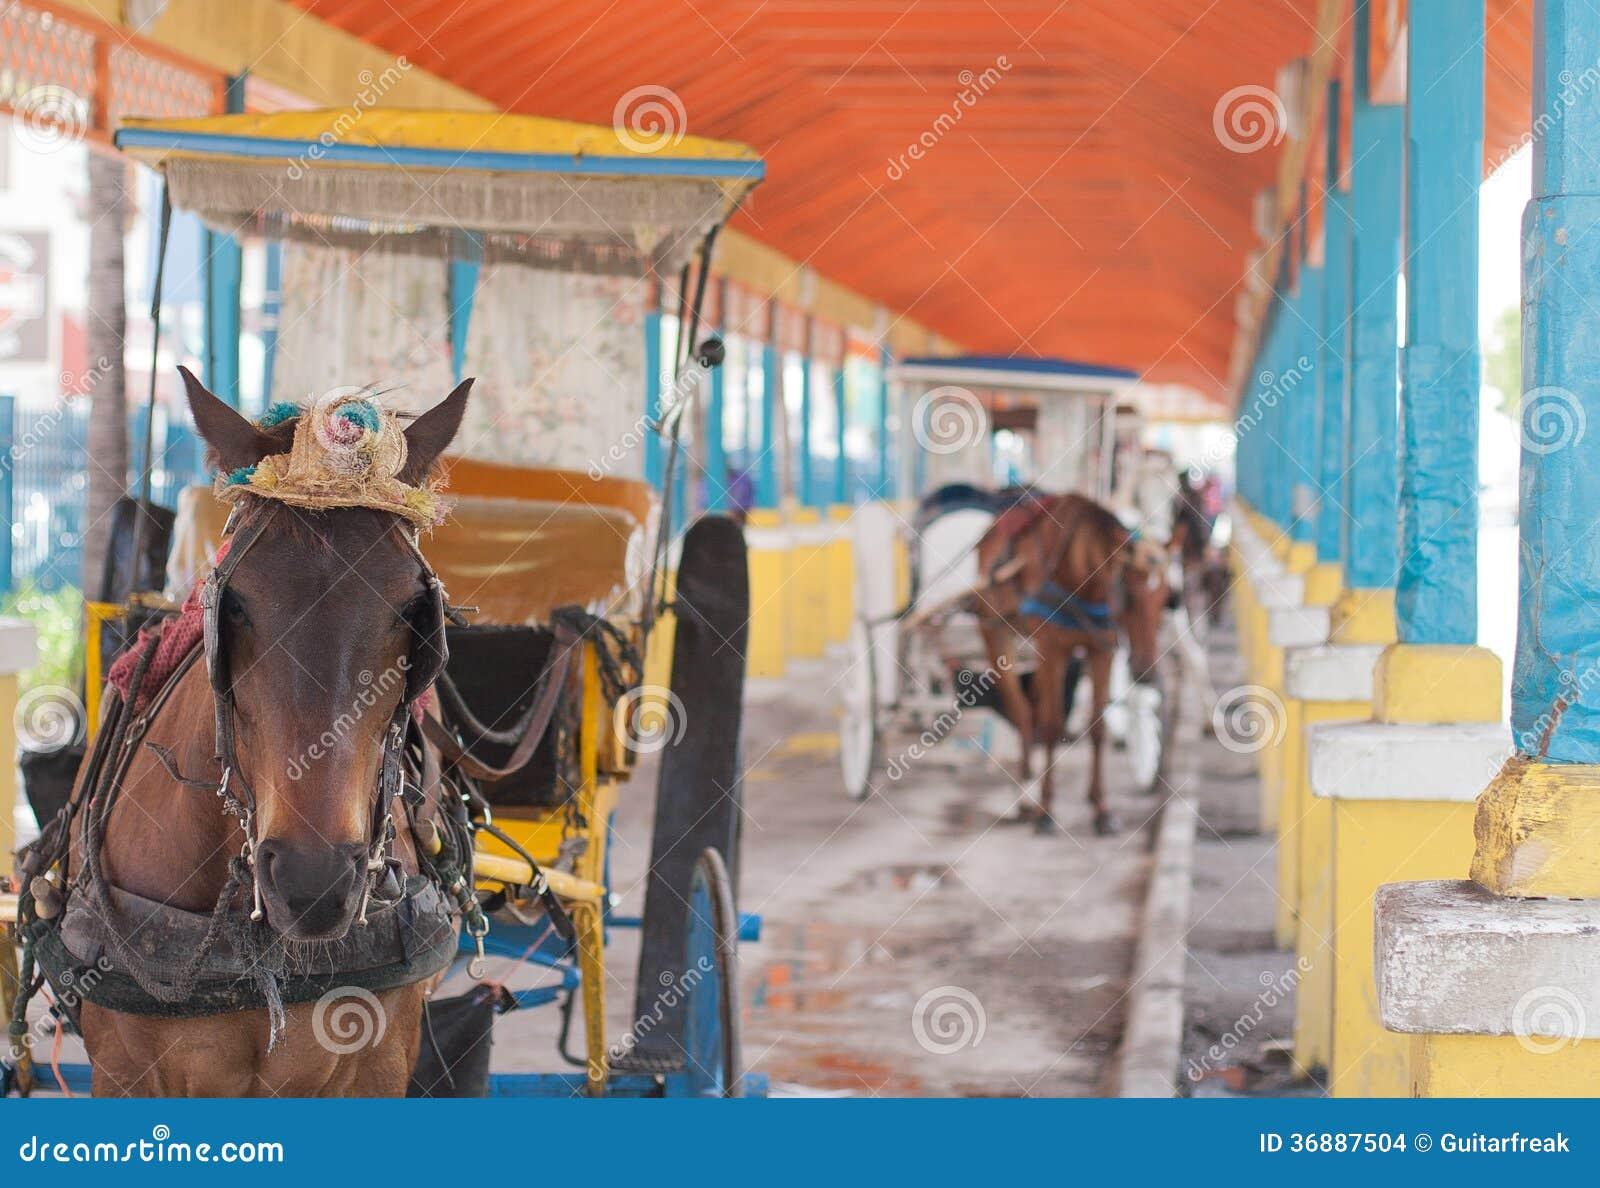 Download Cavallo E Carrozzino Caraibici Fotografia Stock - Immagine di vuoto, colorful: 36887504